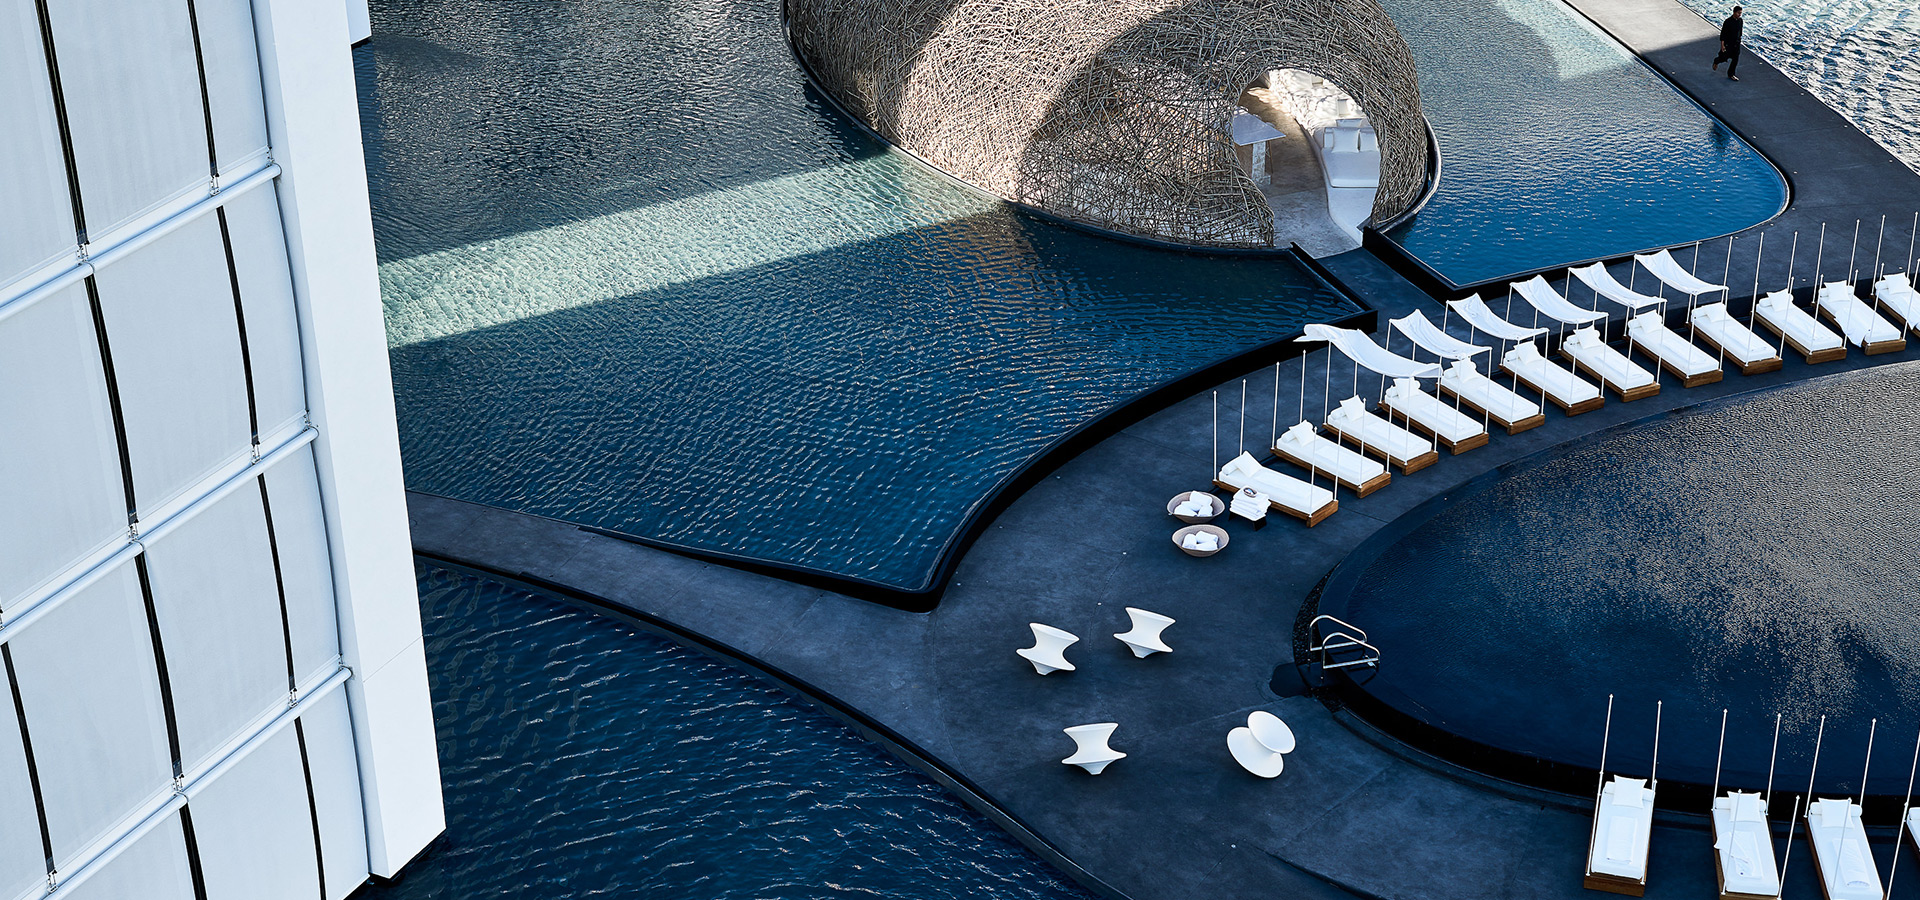 mar-adento-hotel_06miguel-aragones